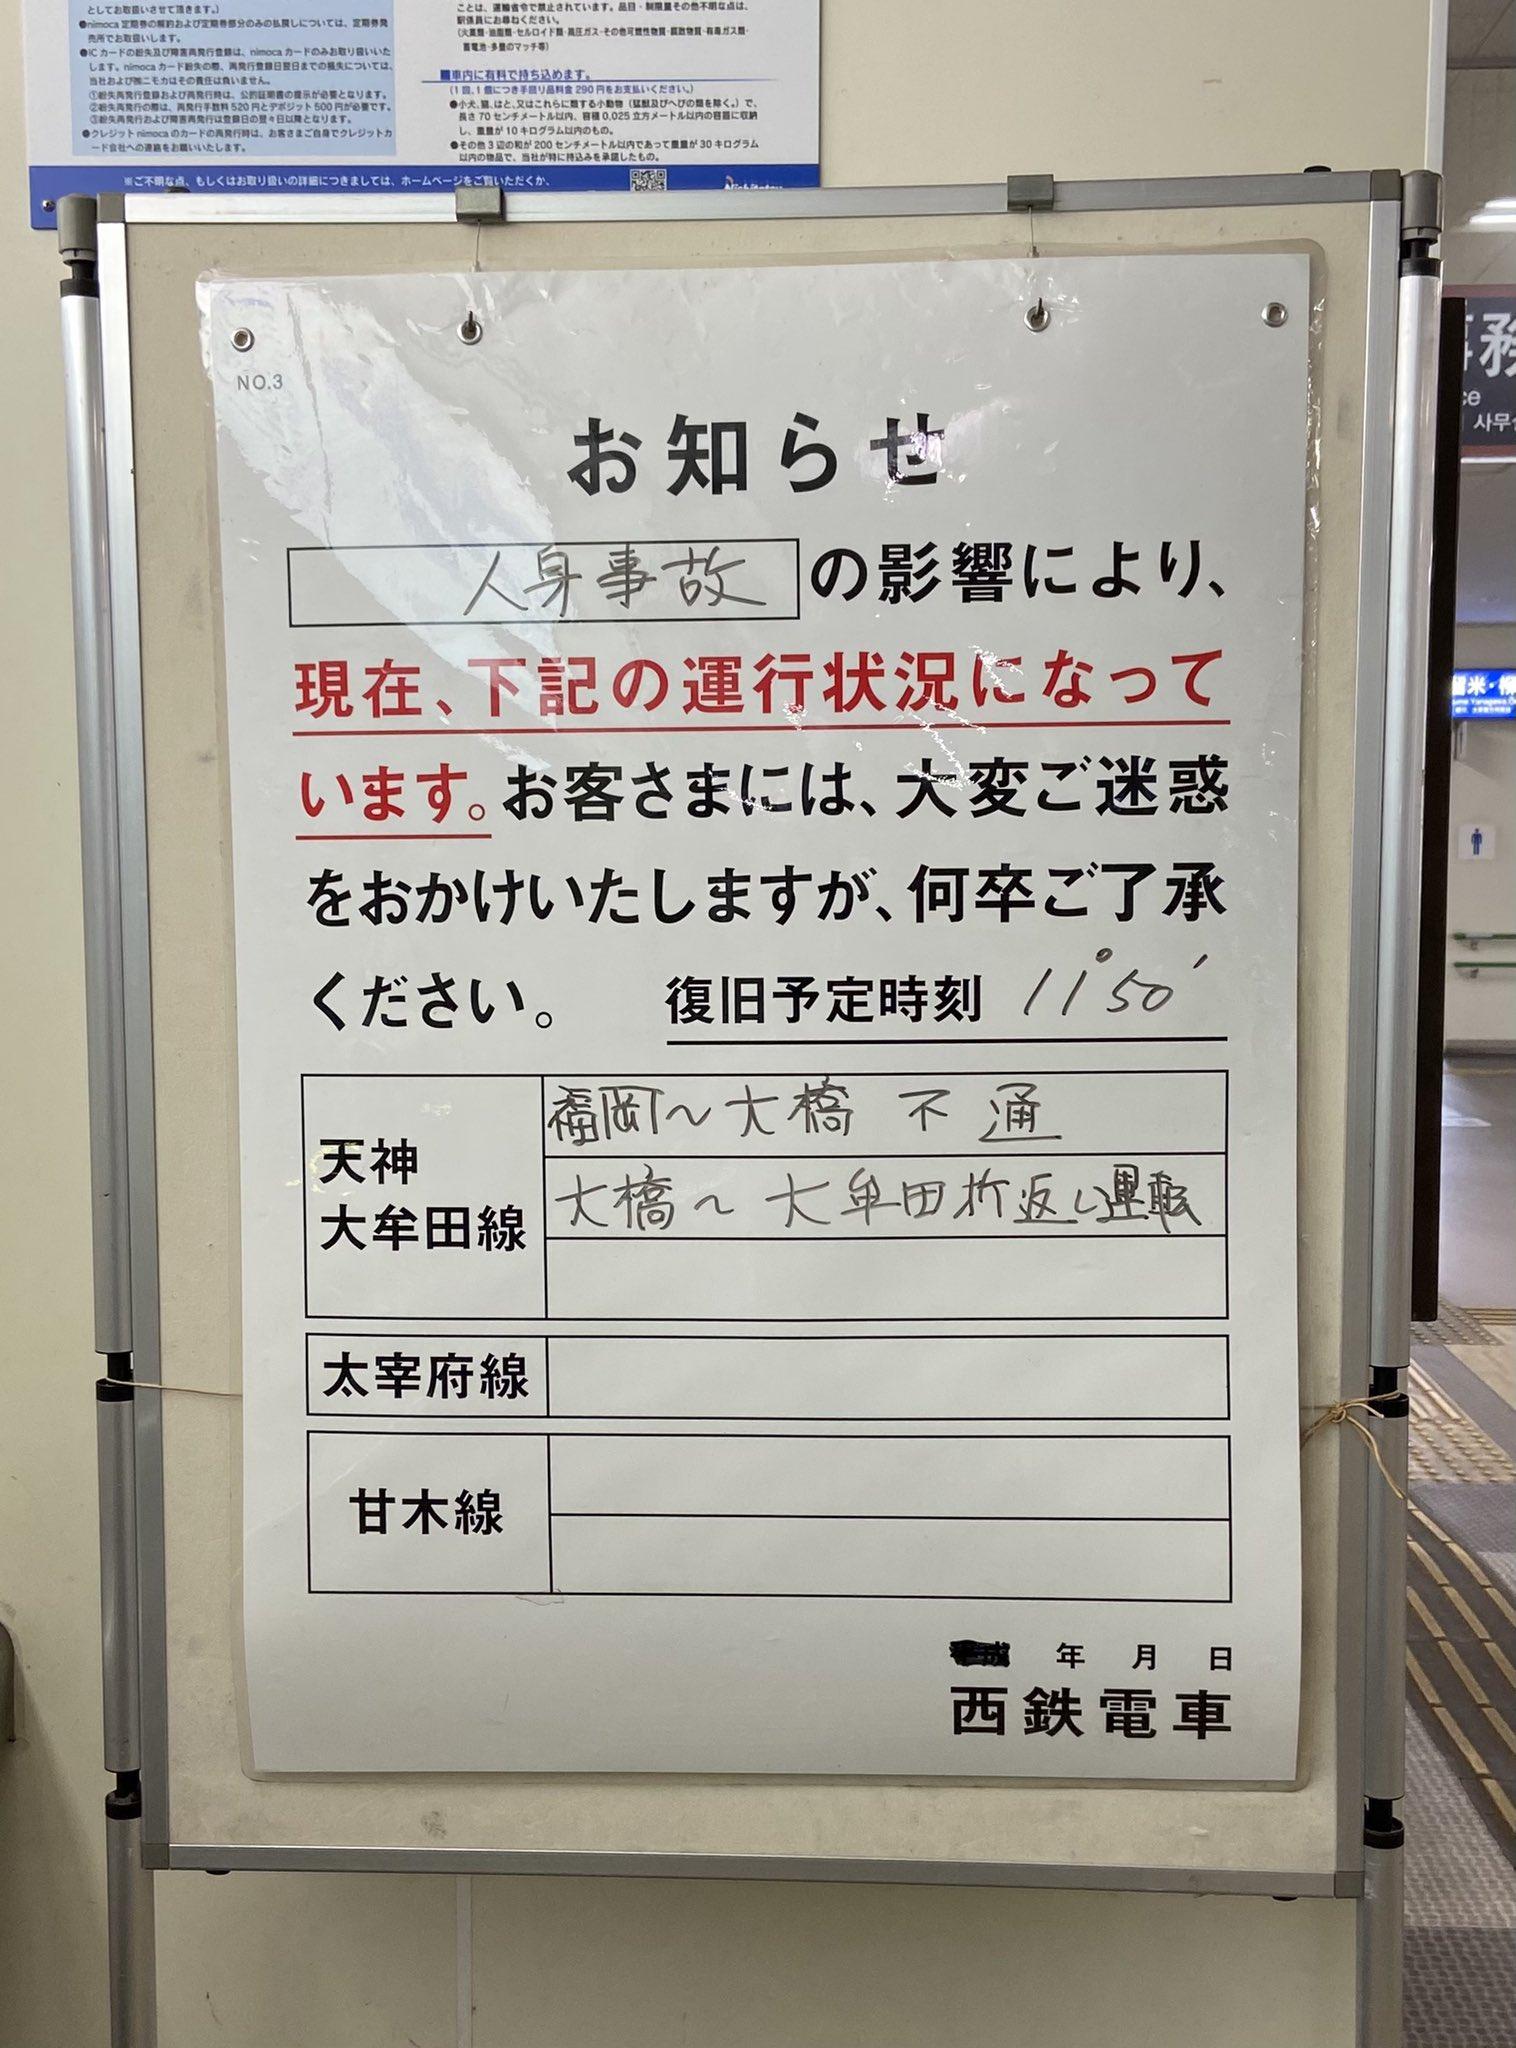 西鉄天神大牟田線の平尾駅で人身事故の掲示板の画像